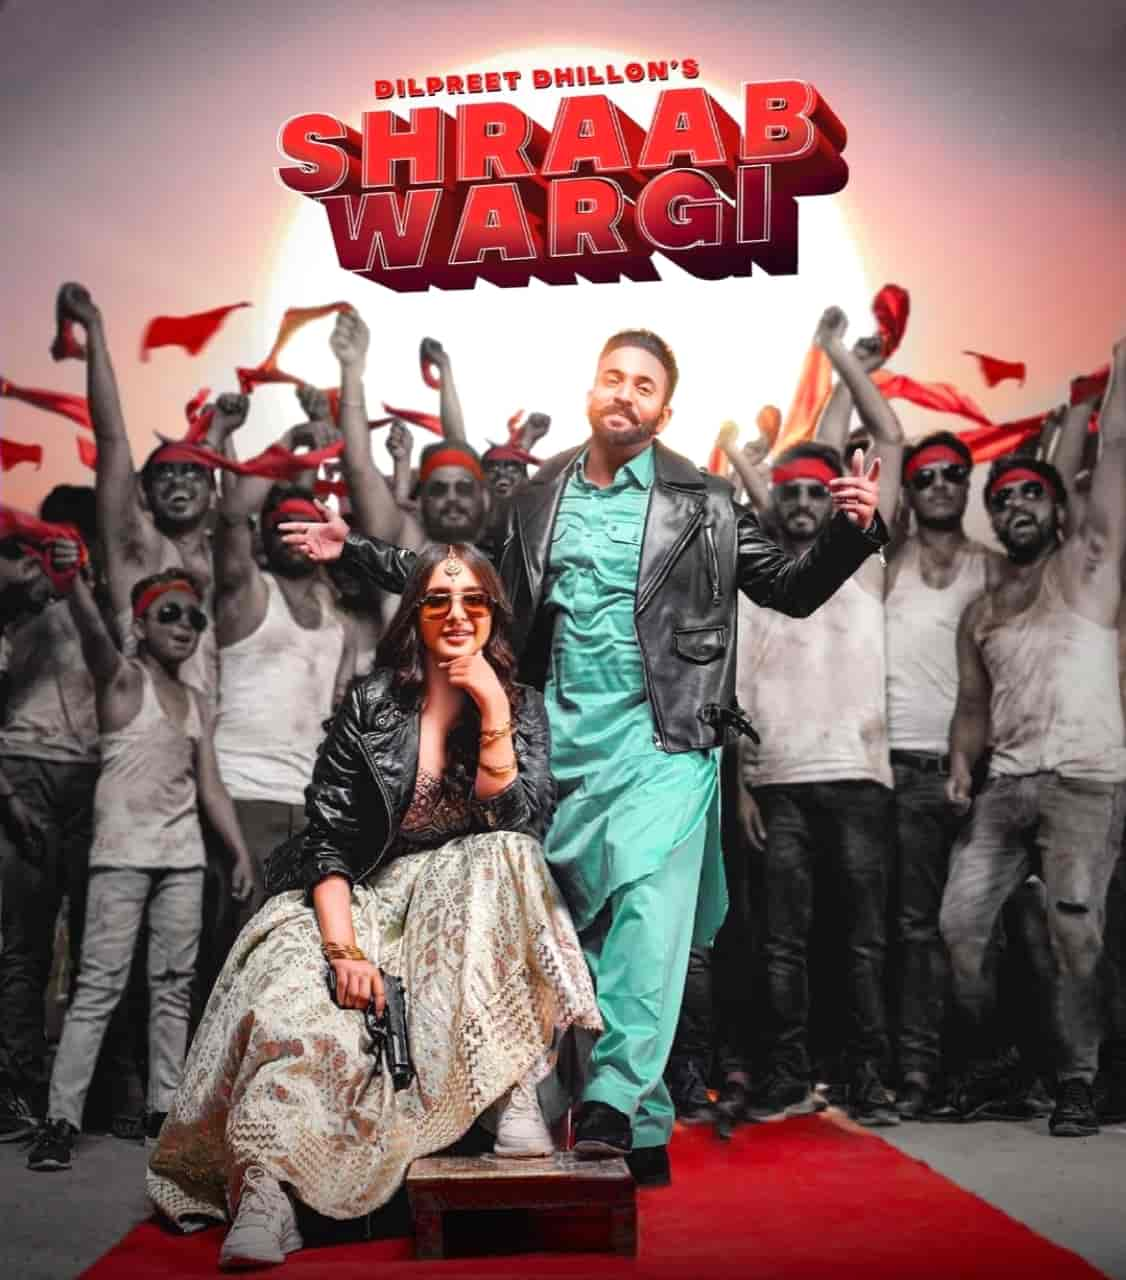 Shraab Wargi Song Lyrics Dilpreet Dhillon